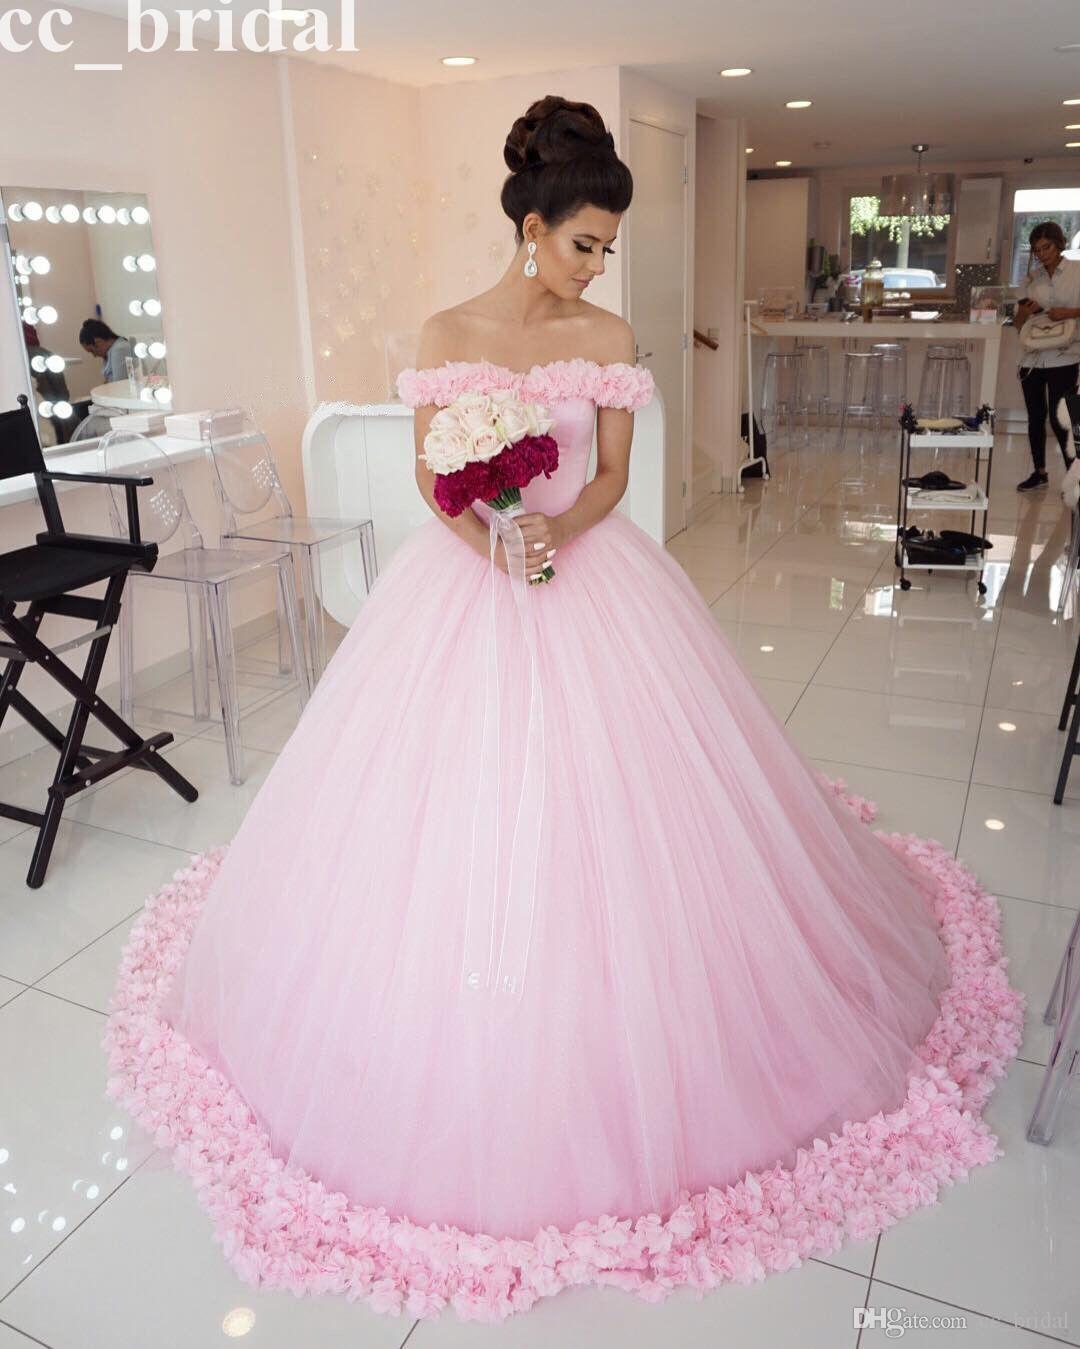 Increíble Vestidos De Novia Voto Foto - Colección de Vestidos de ...